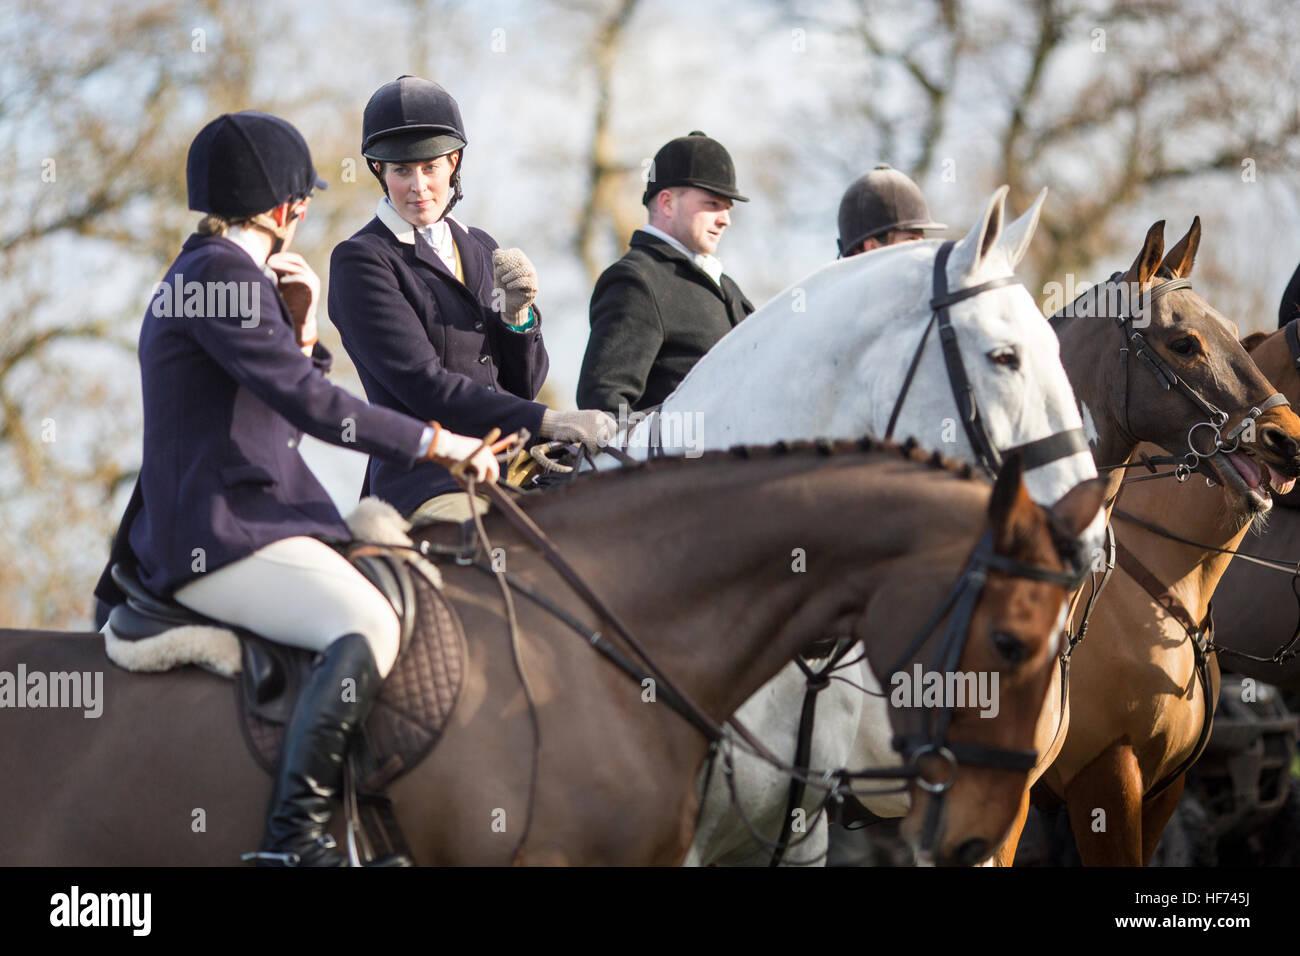 Faites glisser le Cheshire et chiens de chasse suit les ligne Doyen près de Wilmslow Cheshire , l'Angleterre Photo Stock